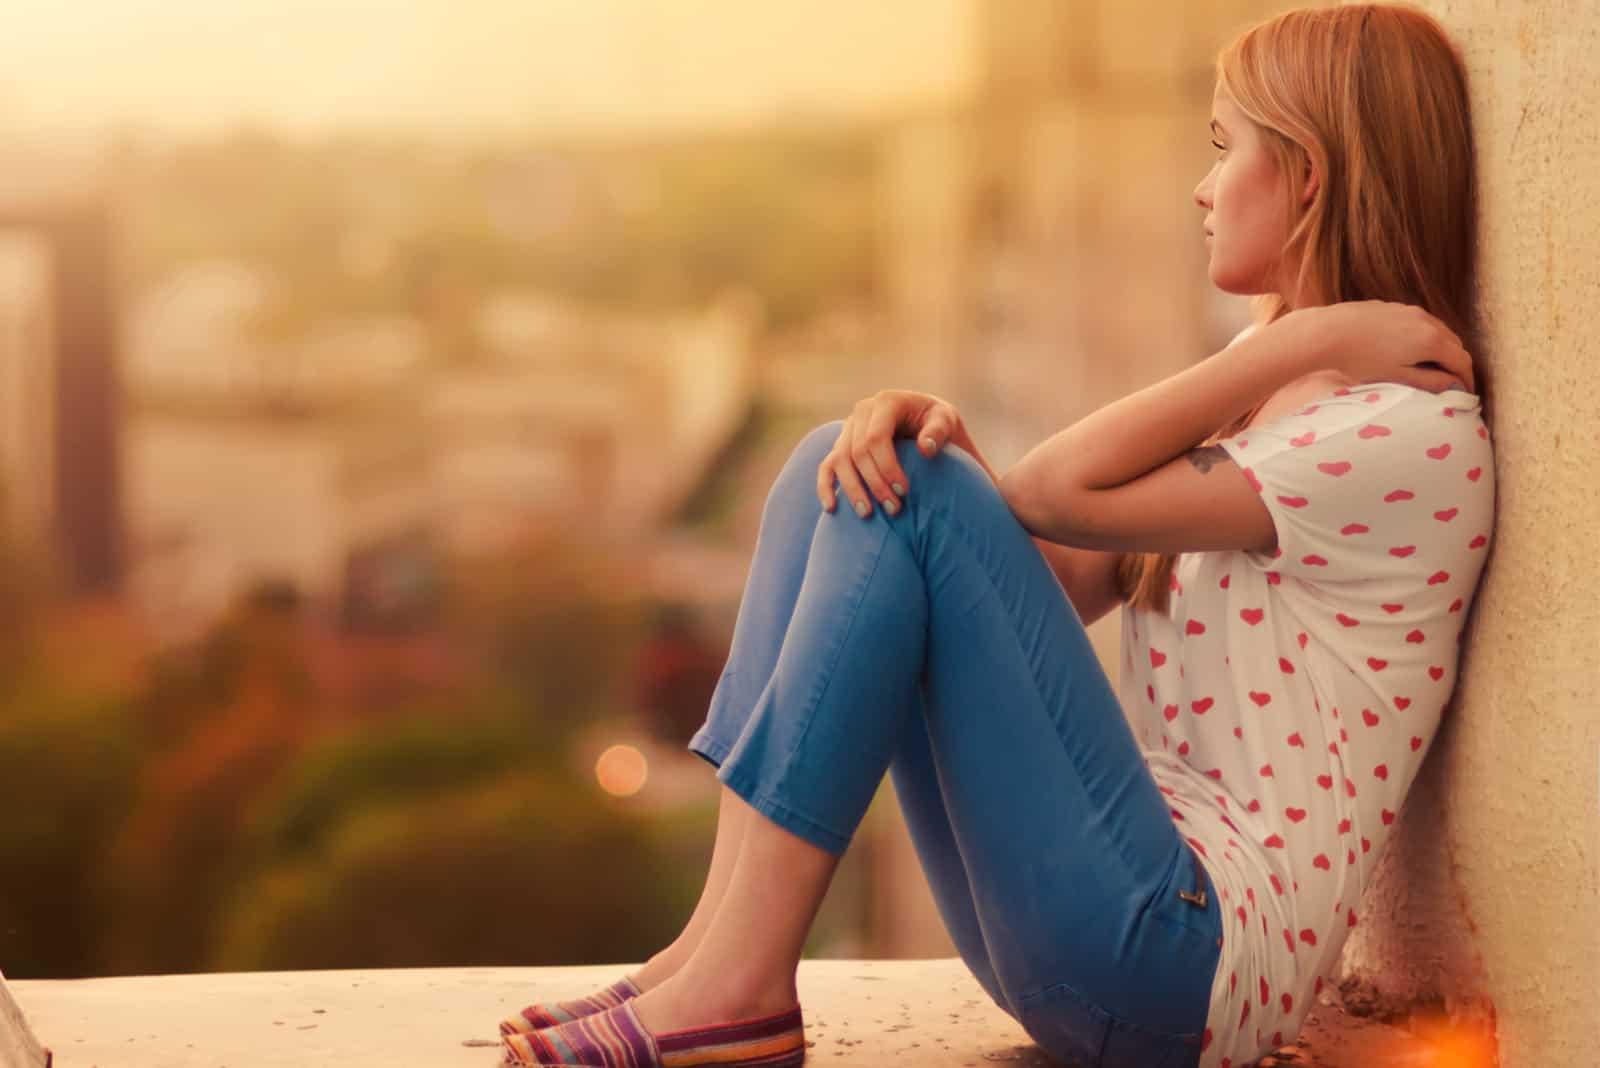 la femme imaginée est assise adossée au mur